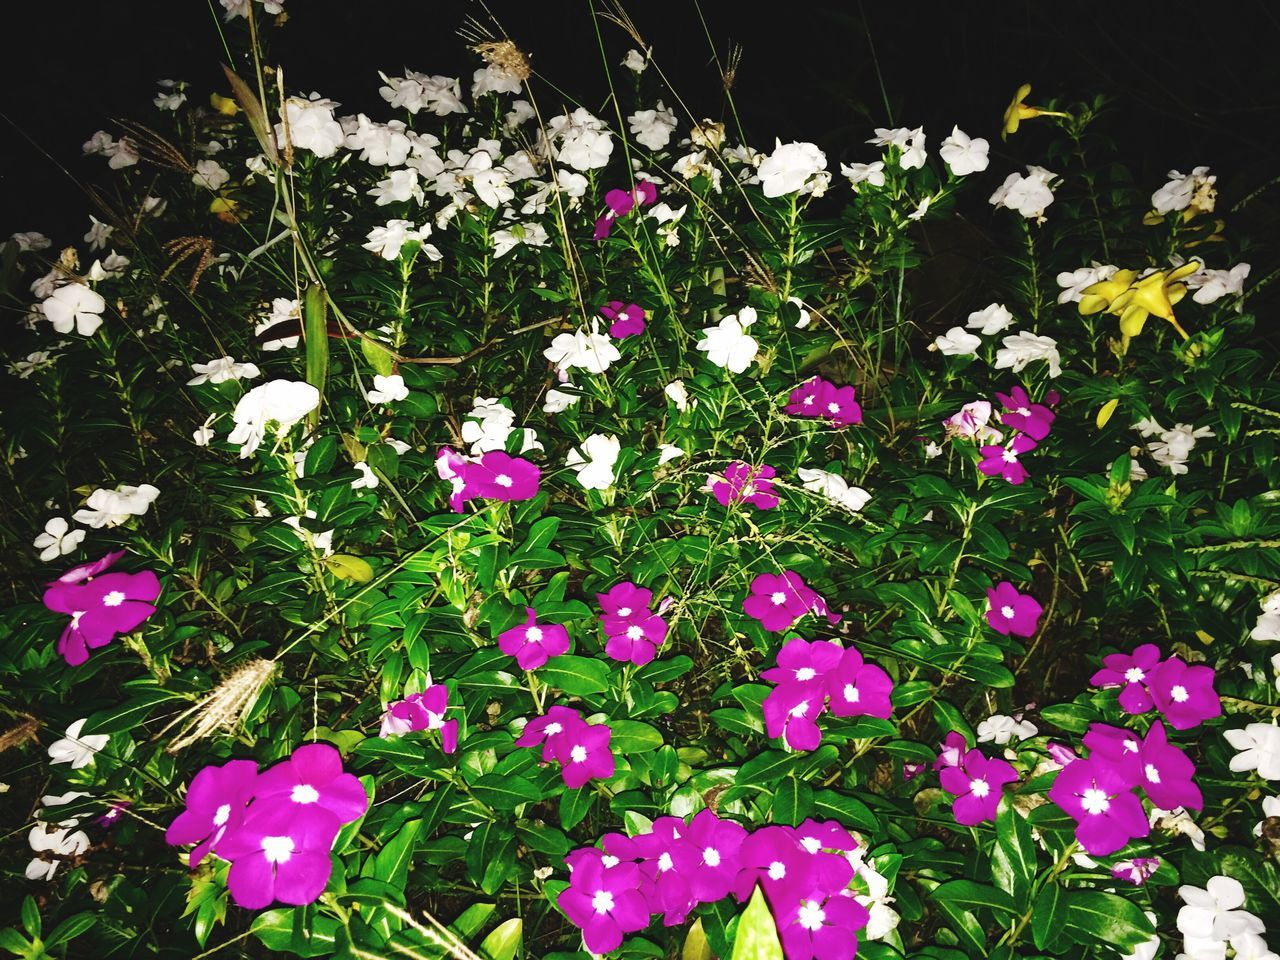 Shavam nari poovu 🌺 (Vinca) in both colours vVincaVVinca FlowerskKeralaIIndiakKumarakomkKottayamfFlowerfFlowersCColorsbBeauty In NatureNNatureGGrowthfFragilitynNo PeopleFFreshnessPPlantpPetalbBloomingoOutdoorsdDayfFlower HeadbBloom